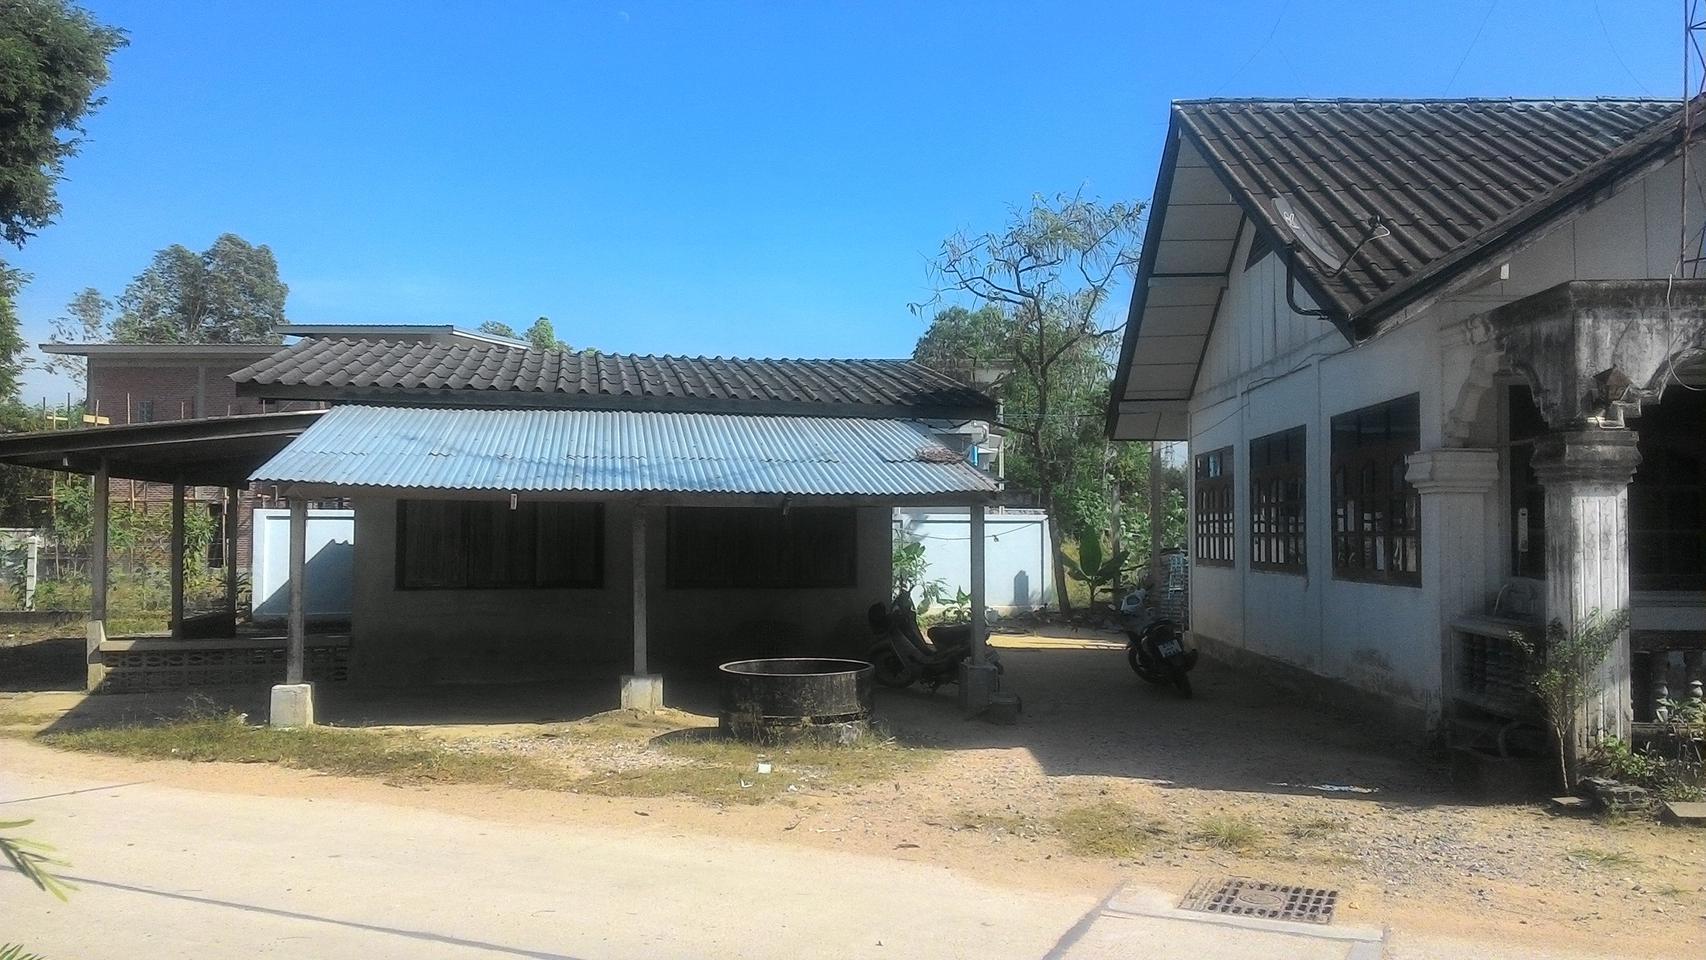 ขายบ้านพร้อมที่ดินที่พัทยา บ้านมีสองหลังในเนื้อที่ 1งาน 33 ตารางวา เจ้าของขายเอง รูปที่ 5